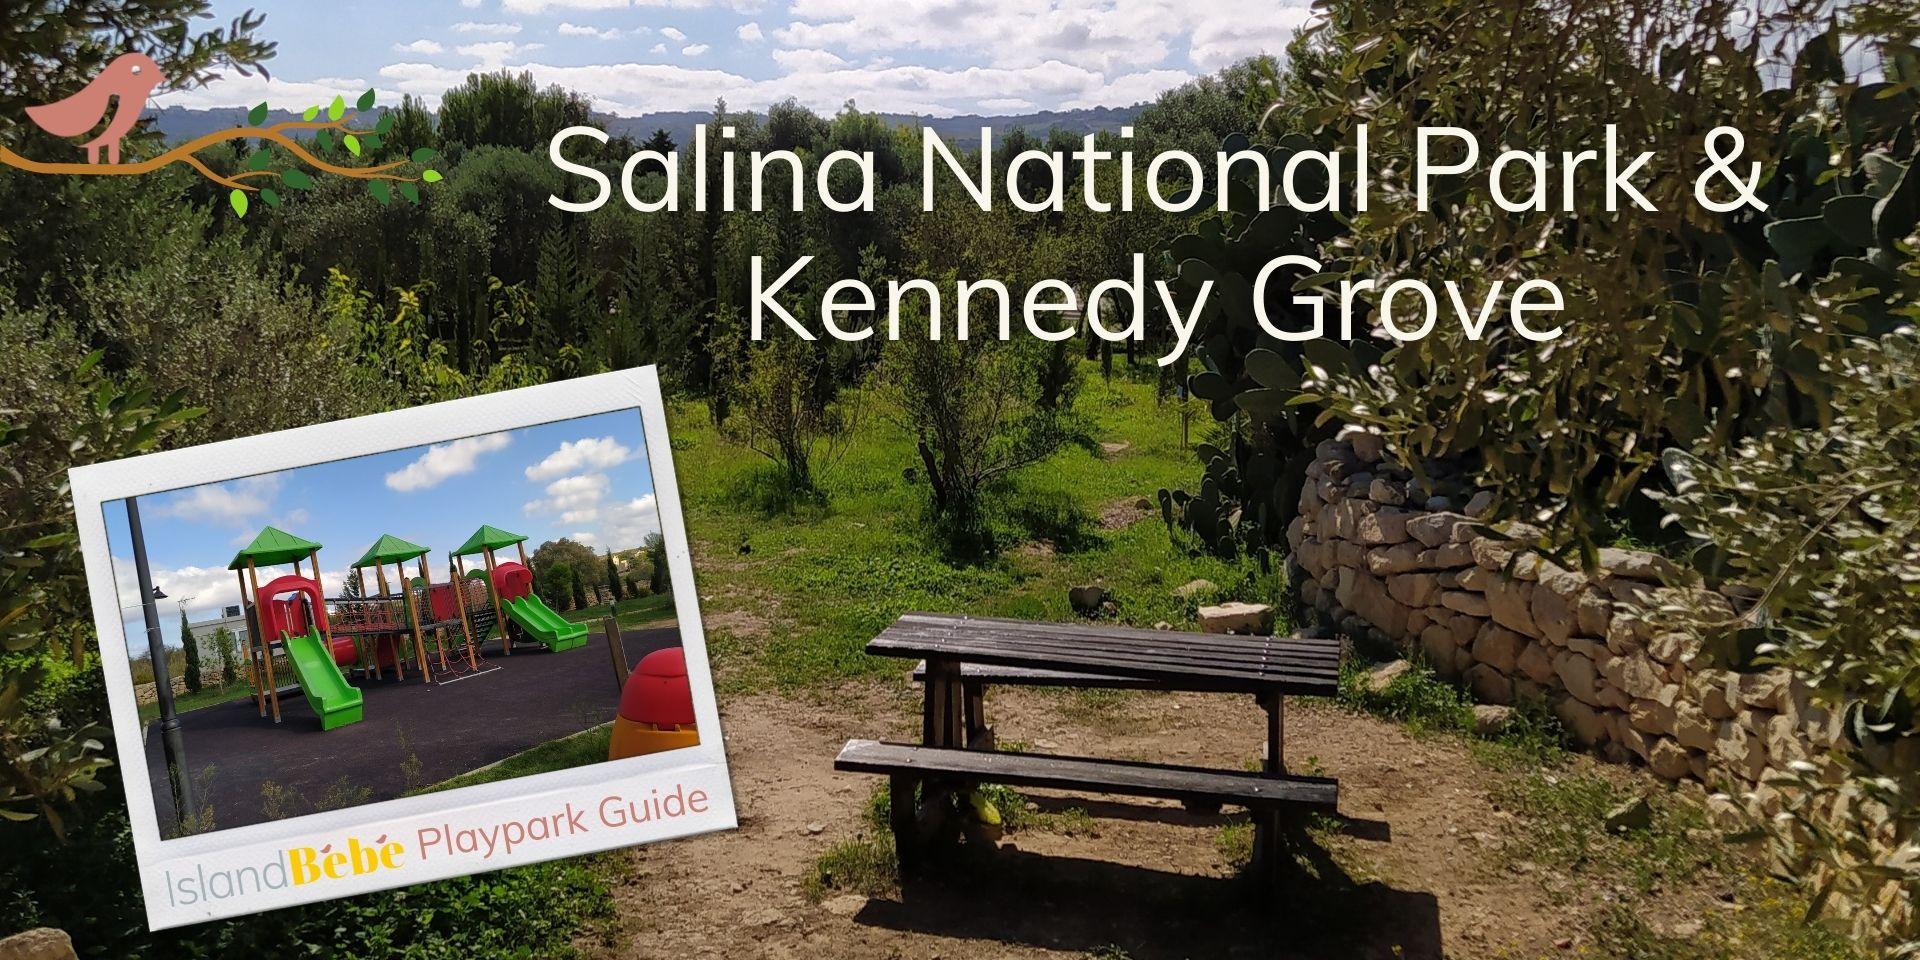 Salina National Park